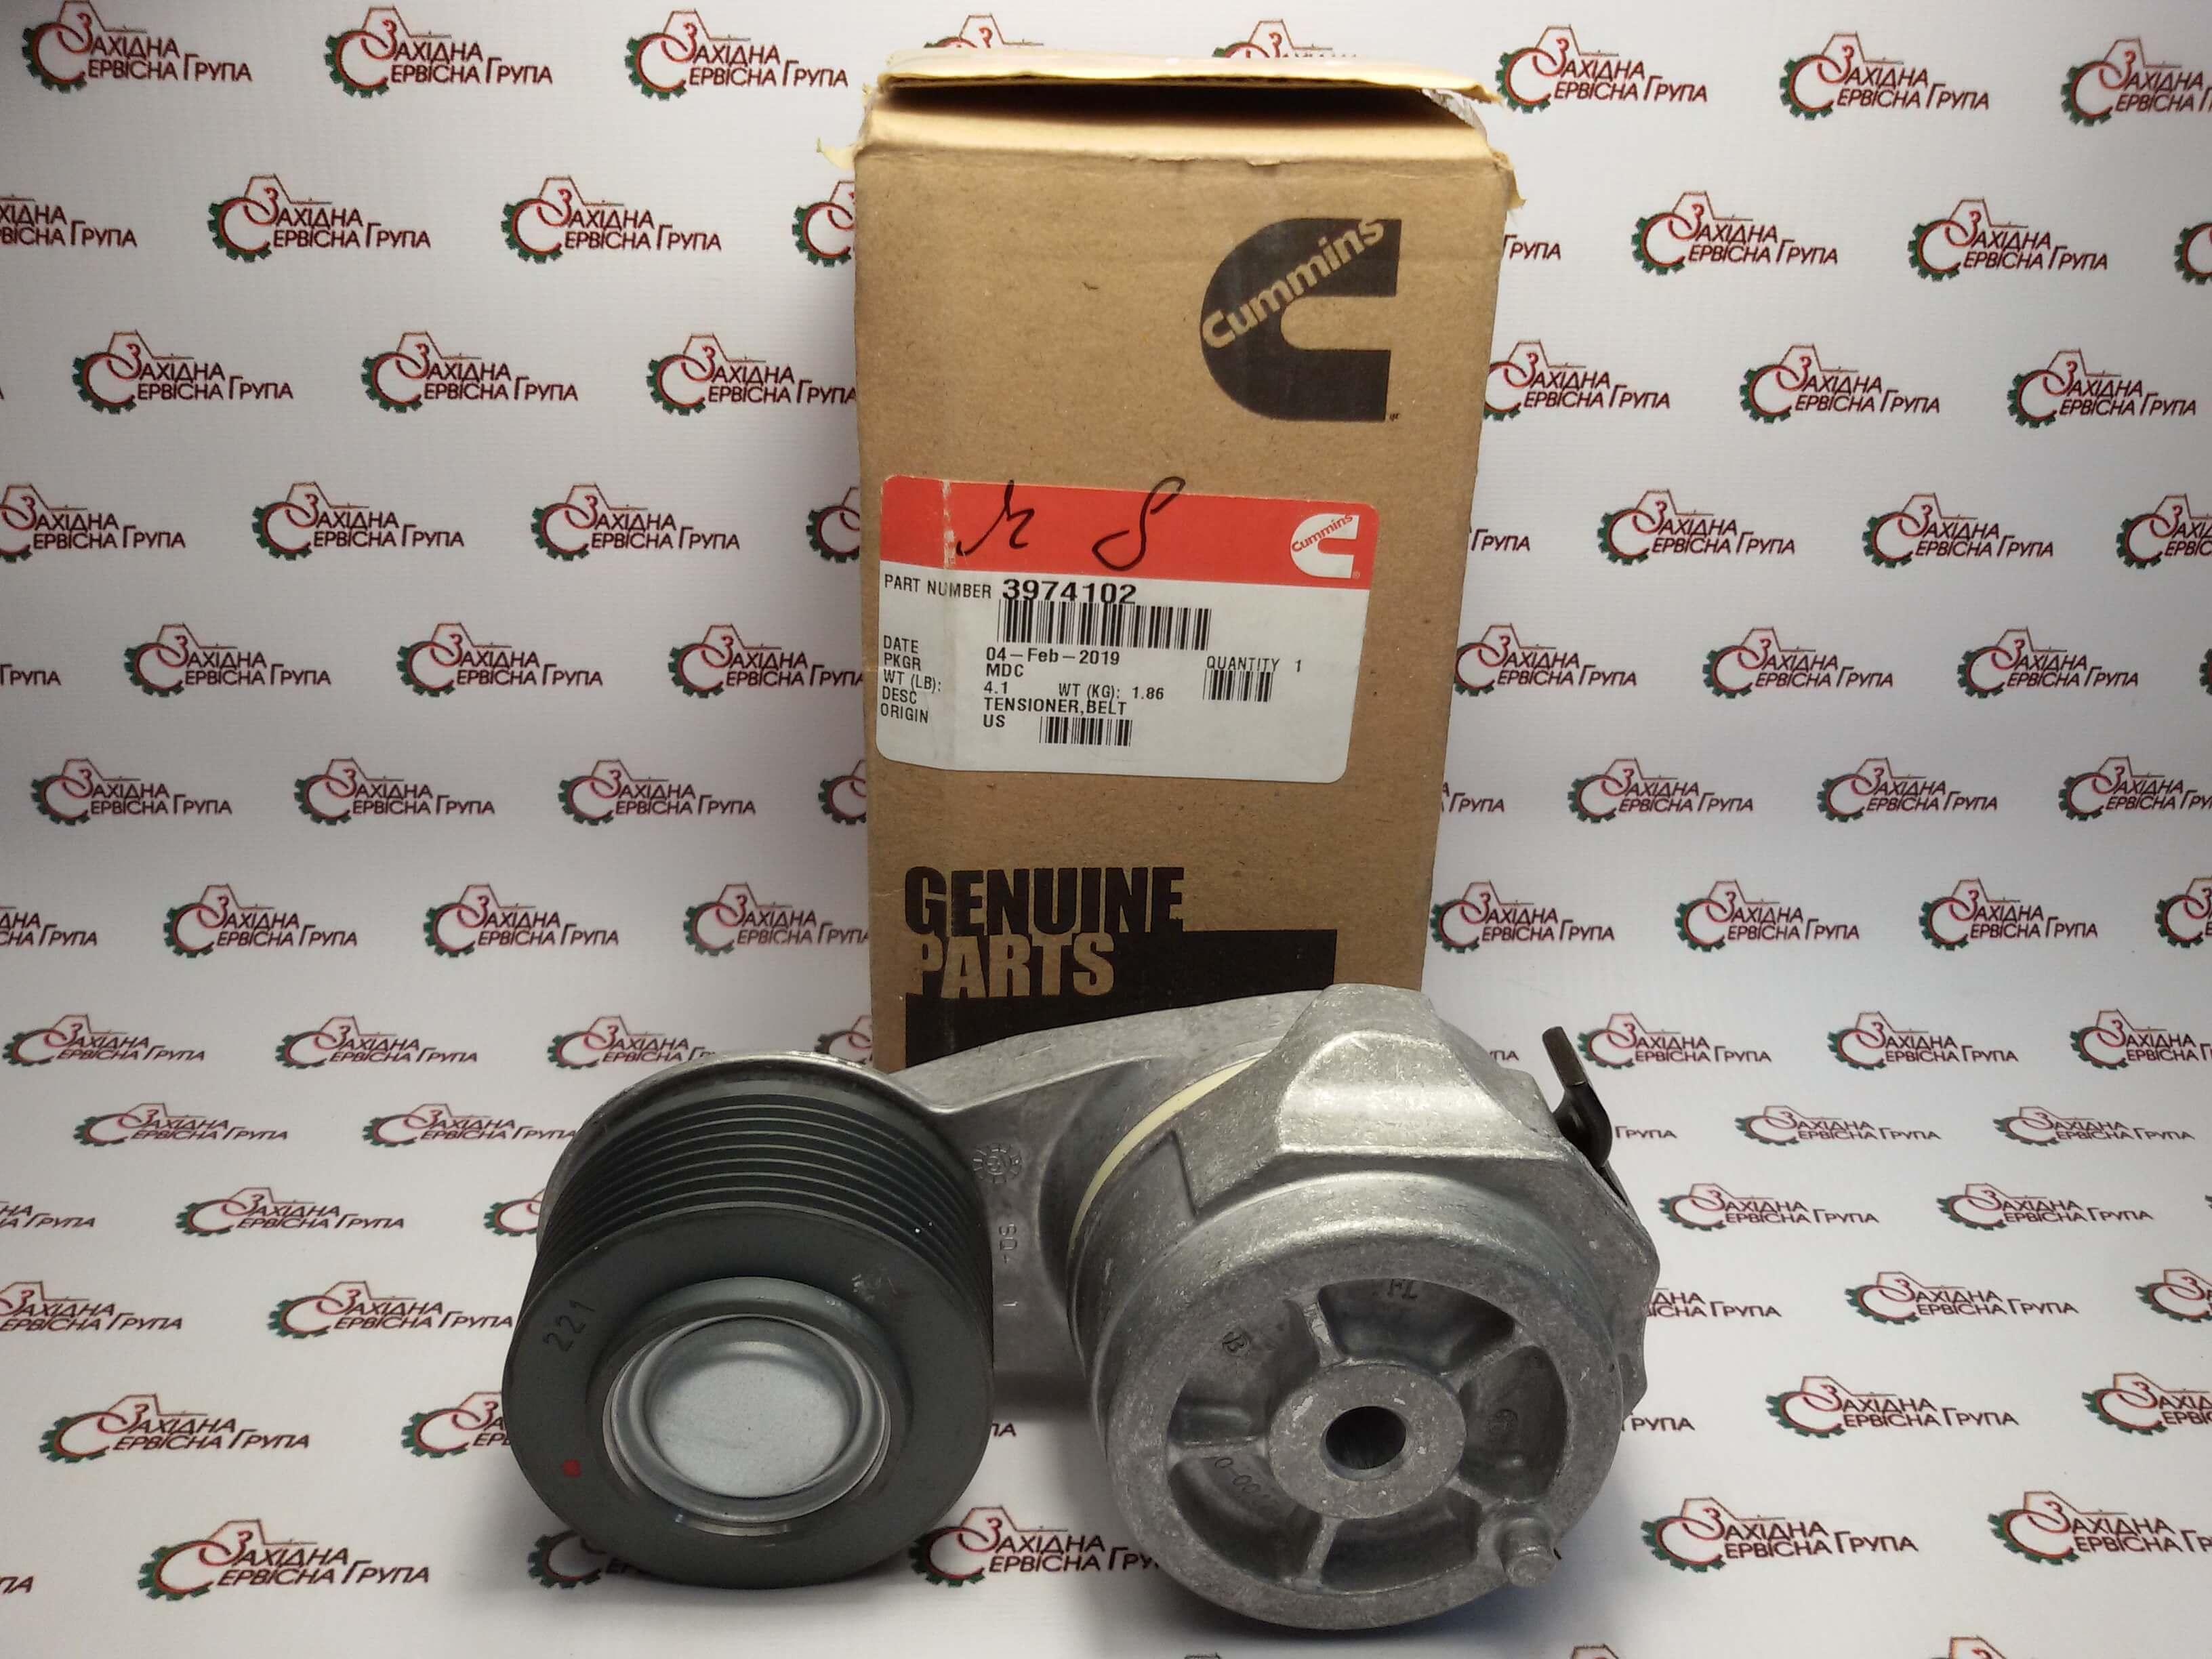 Натяжитель ремня генератора Cummins QSL9, 3974102.